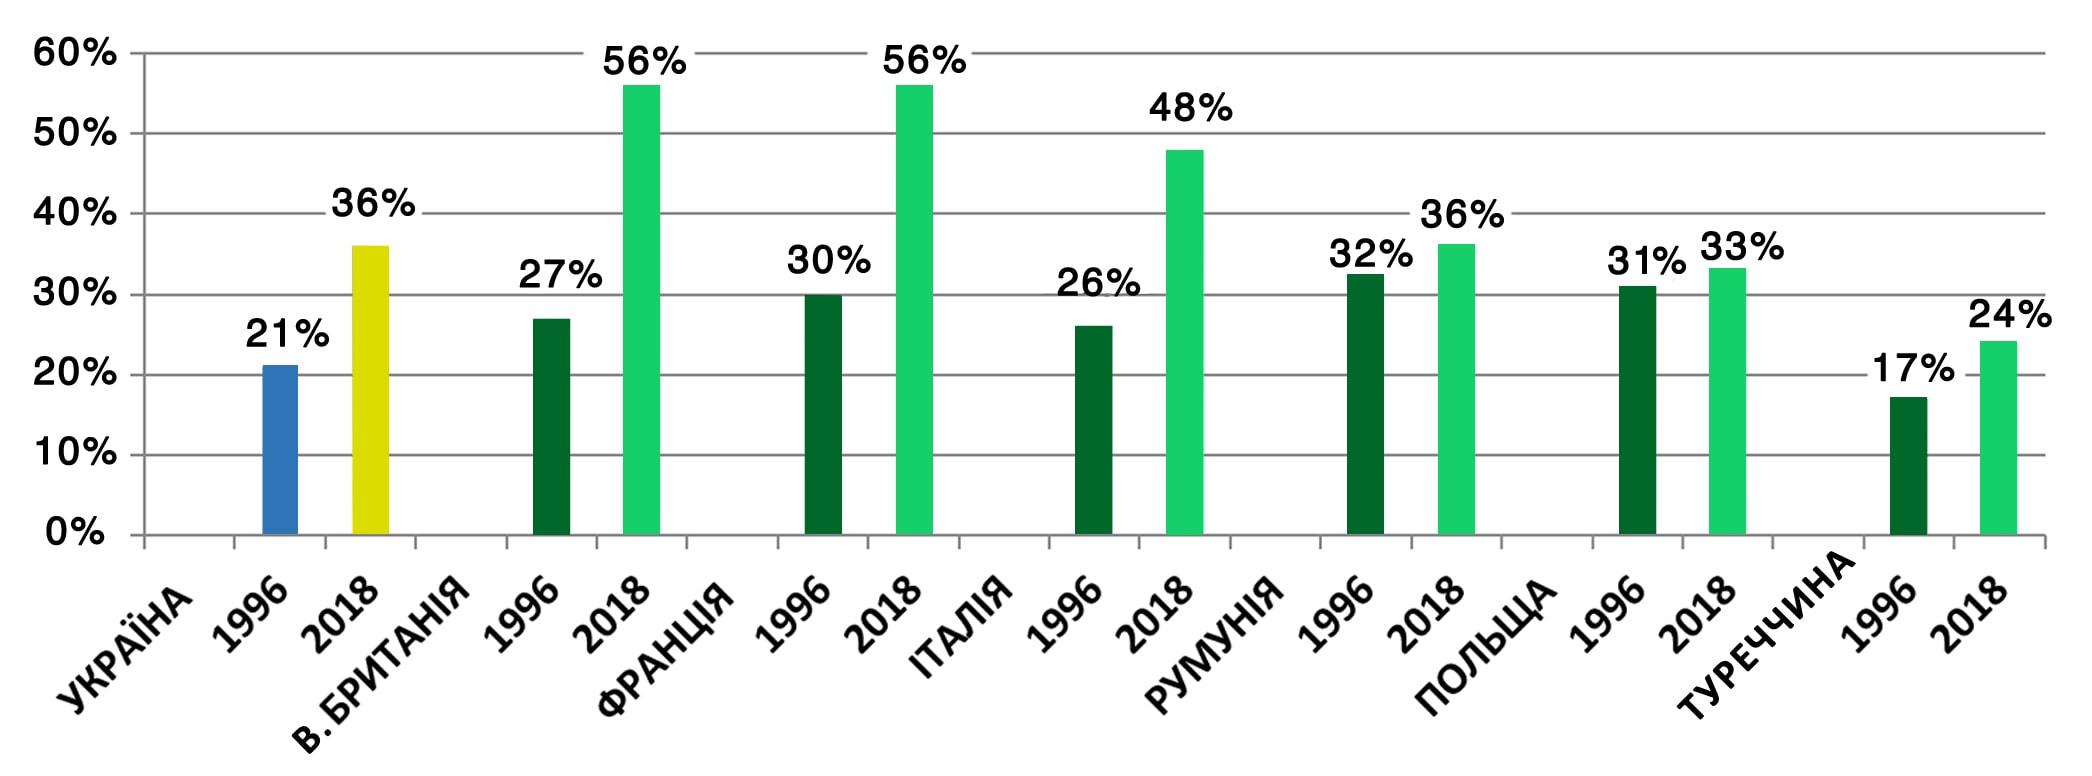 Ріст показників міжнародної співпраці в різних країнах світу